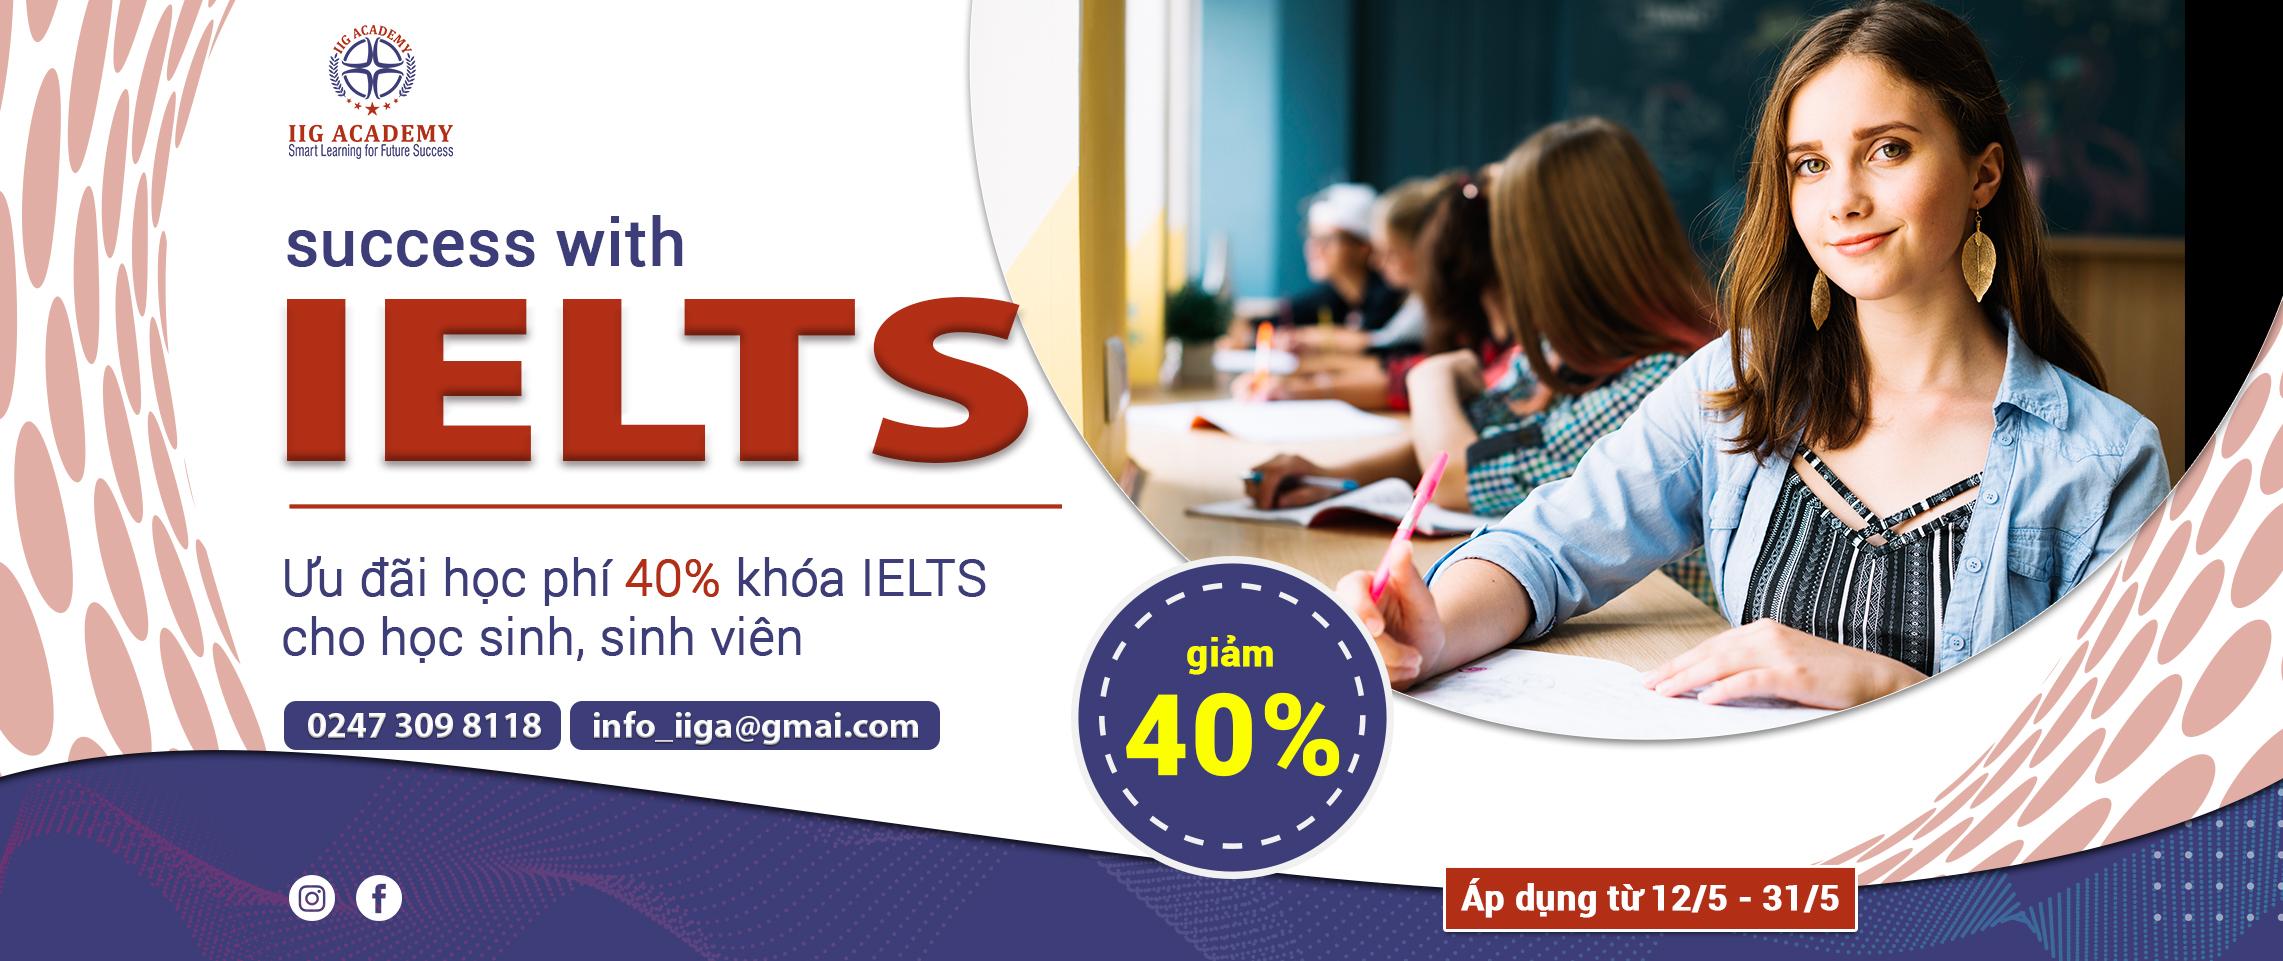 Luyện thi IELTS - ưu đãi 40%